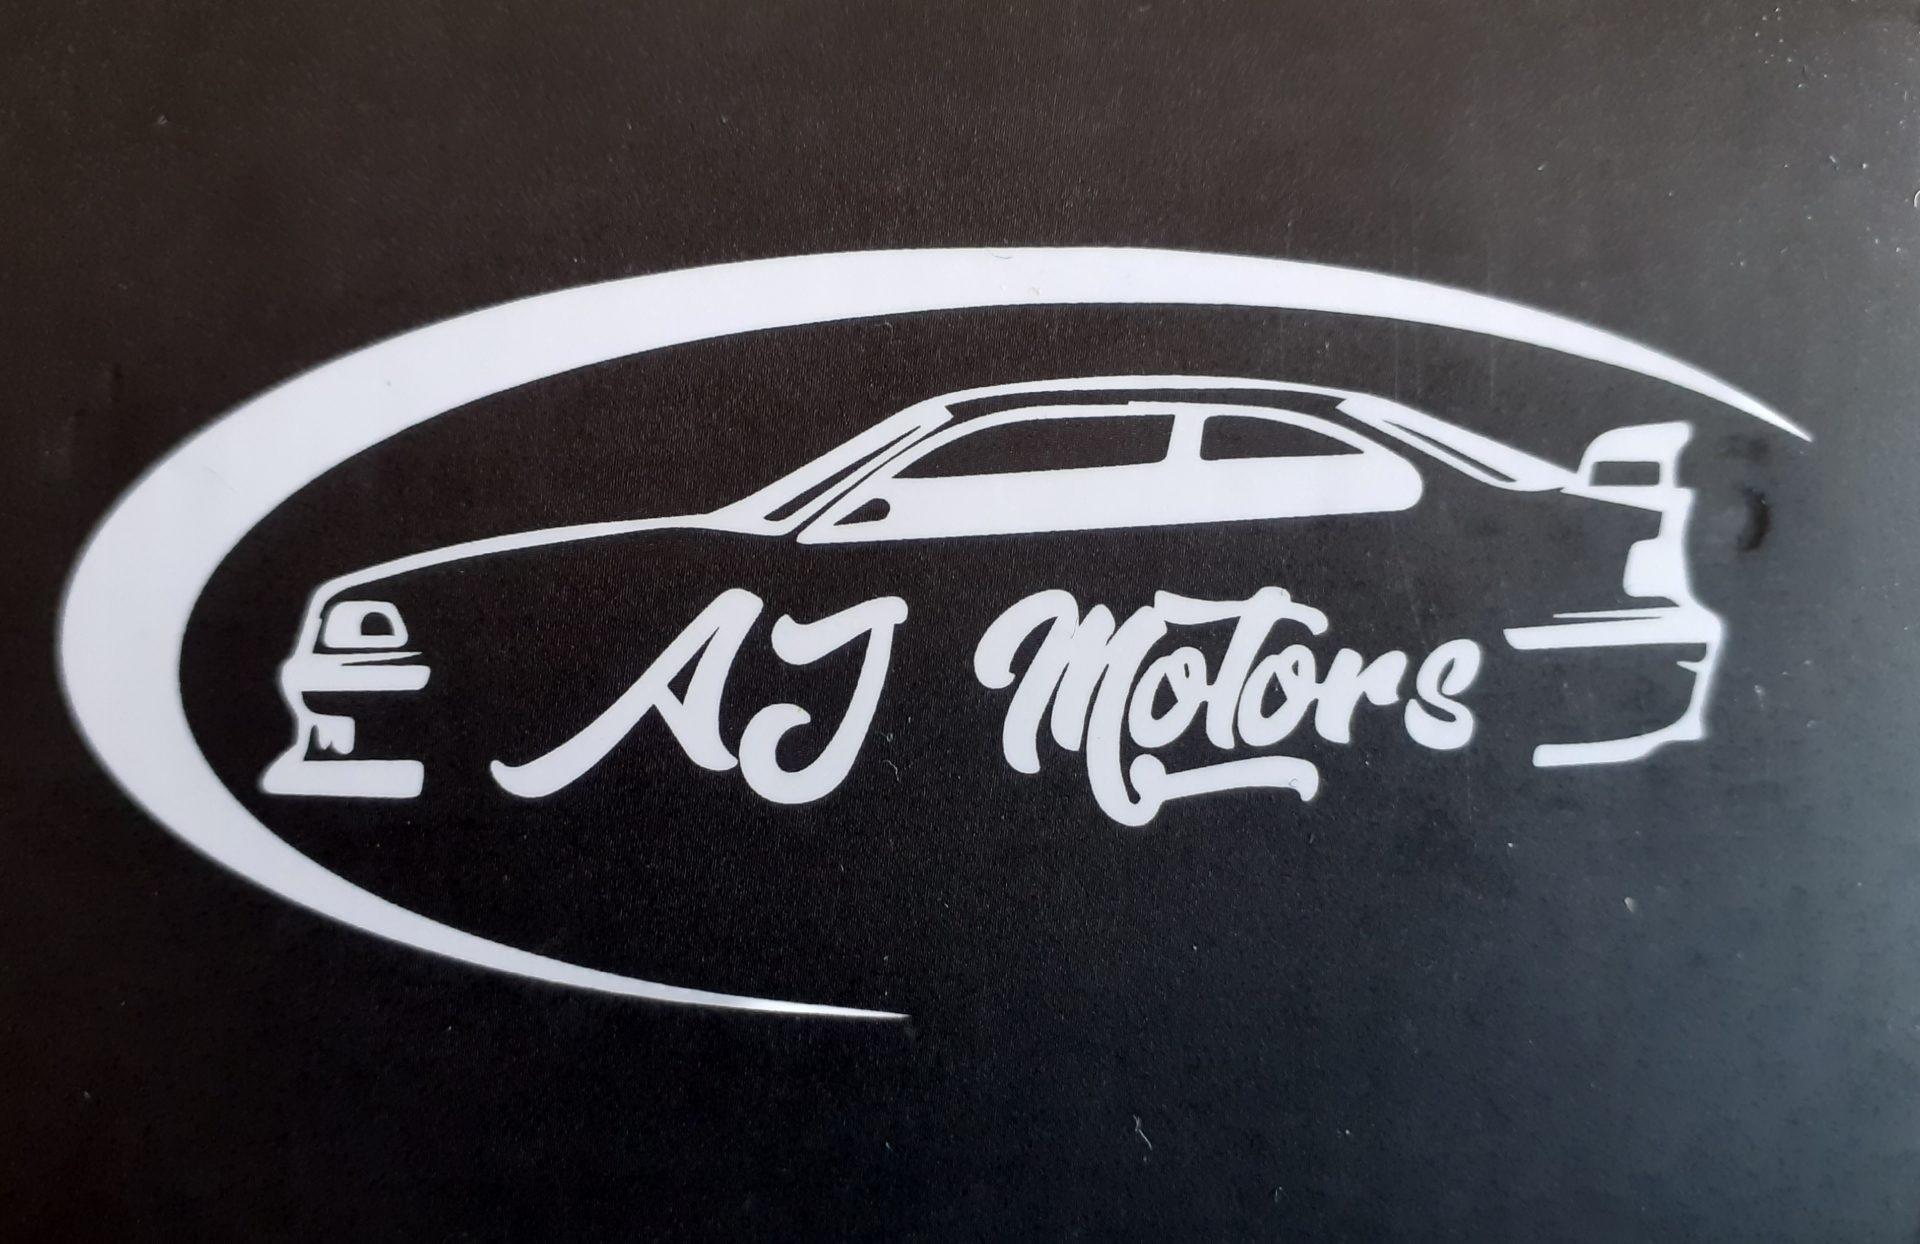 Logotipo AJ Motors